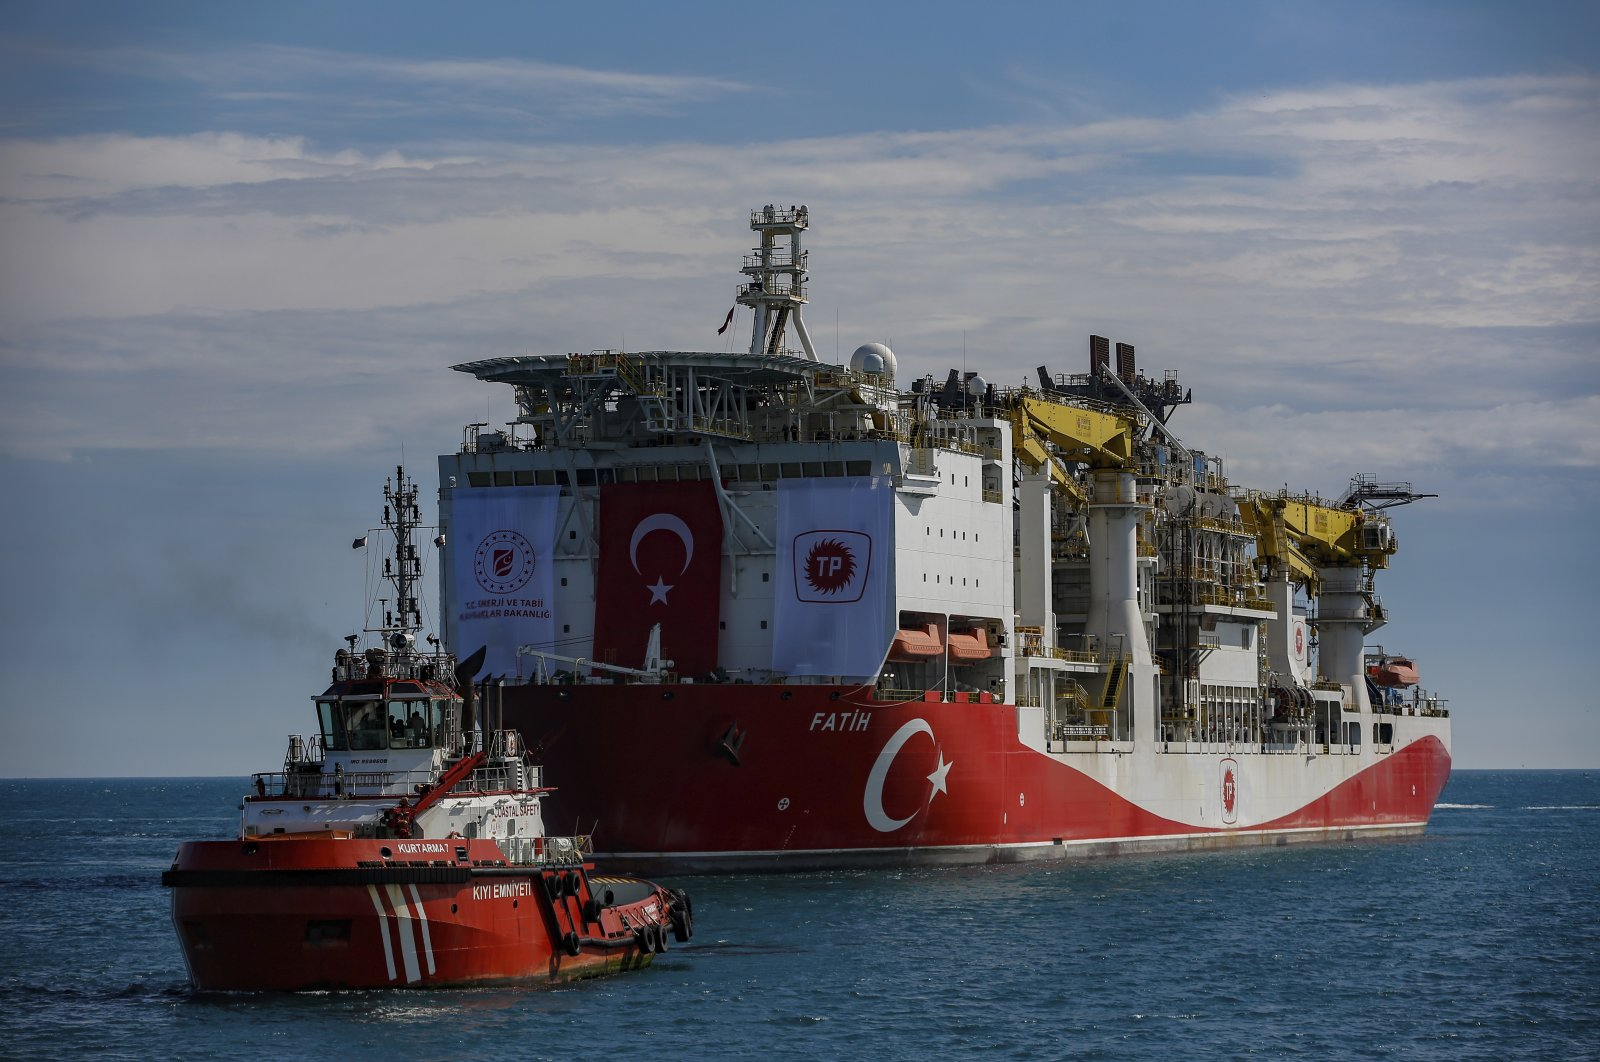 Турция направила весь свой спецфлот на освоение запасов газа в Черном море